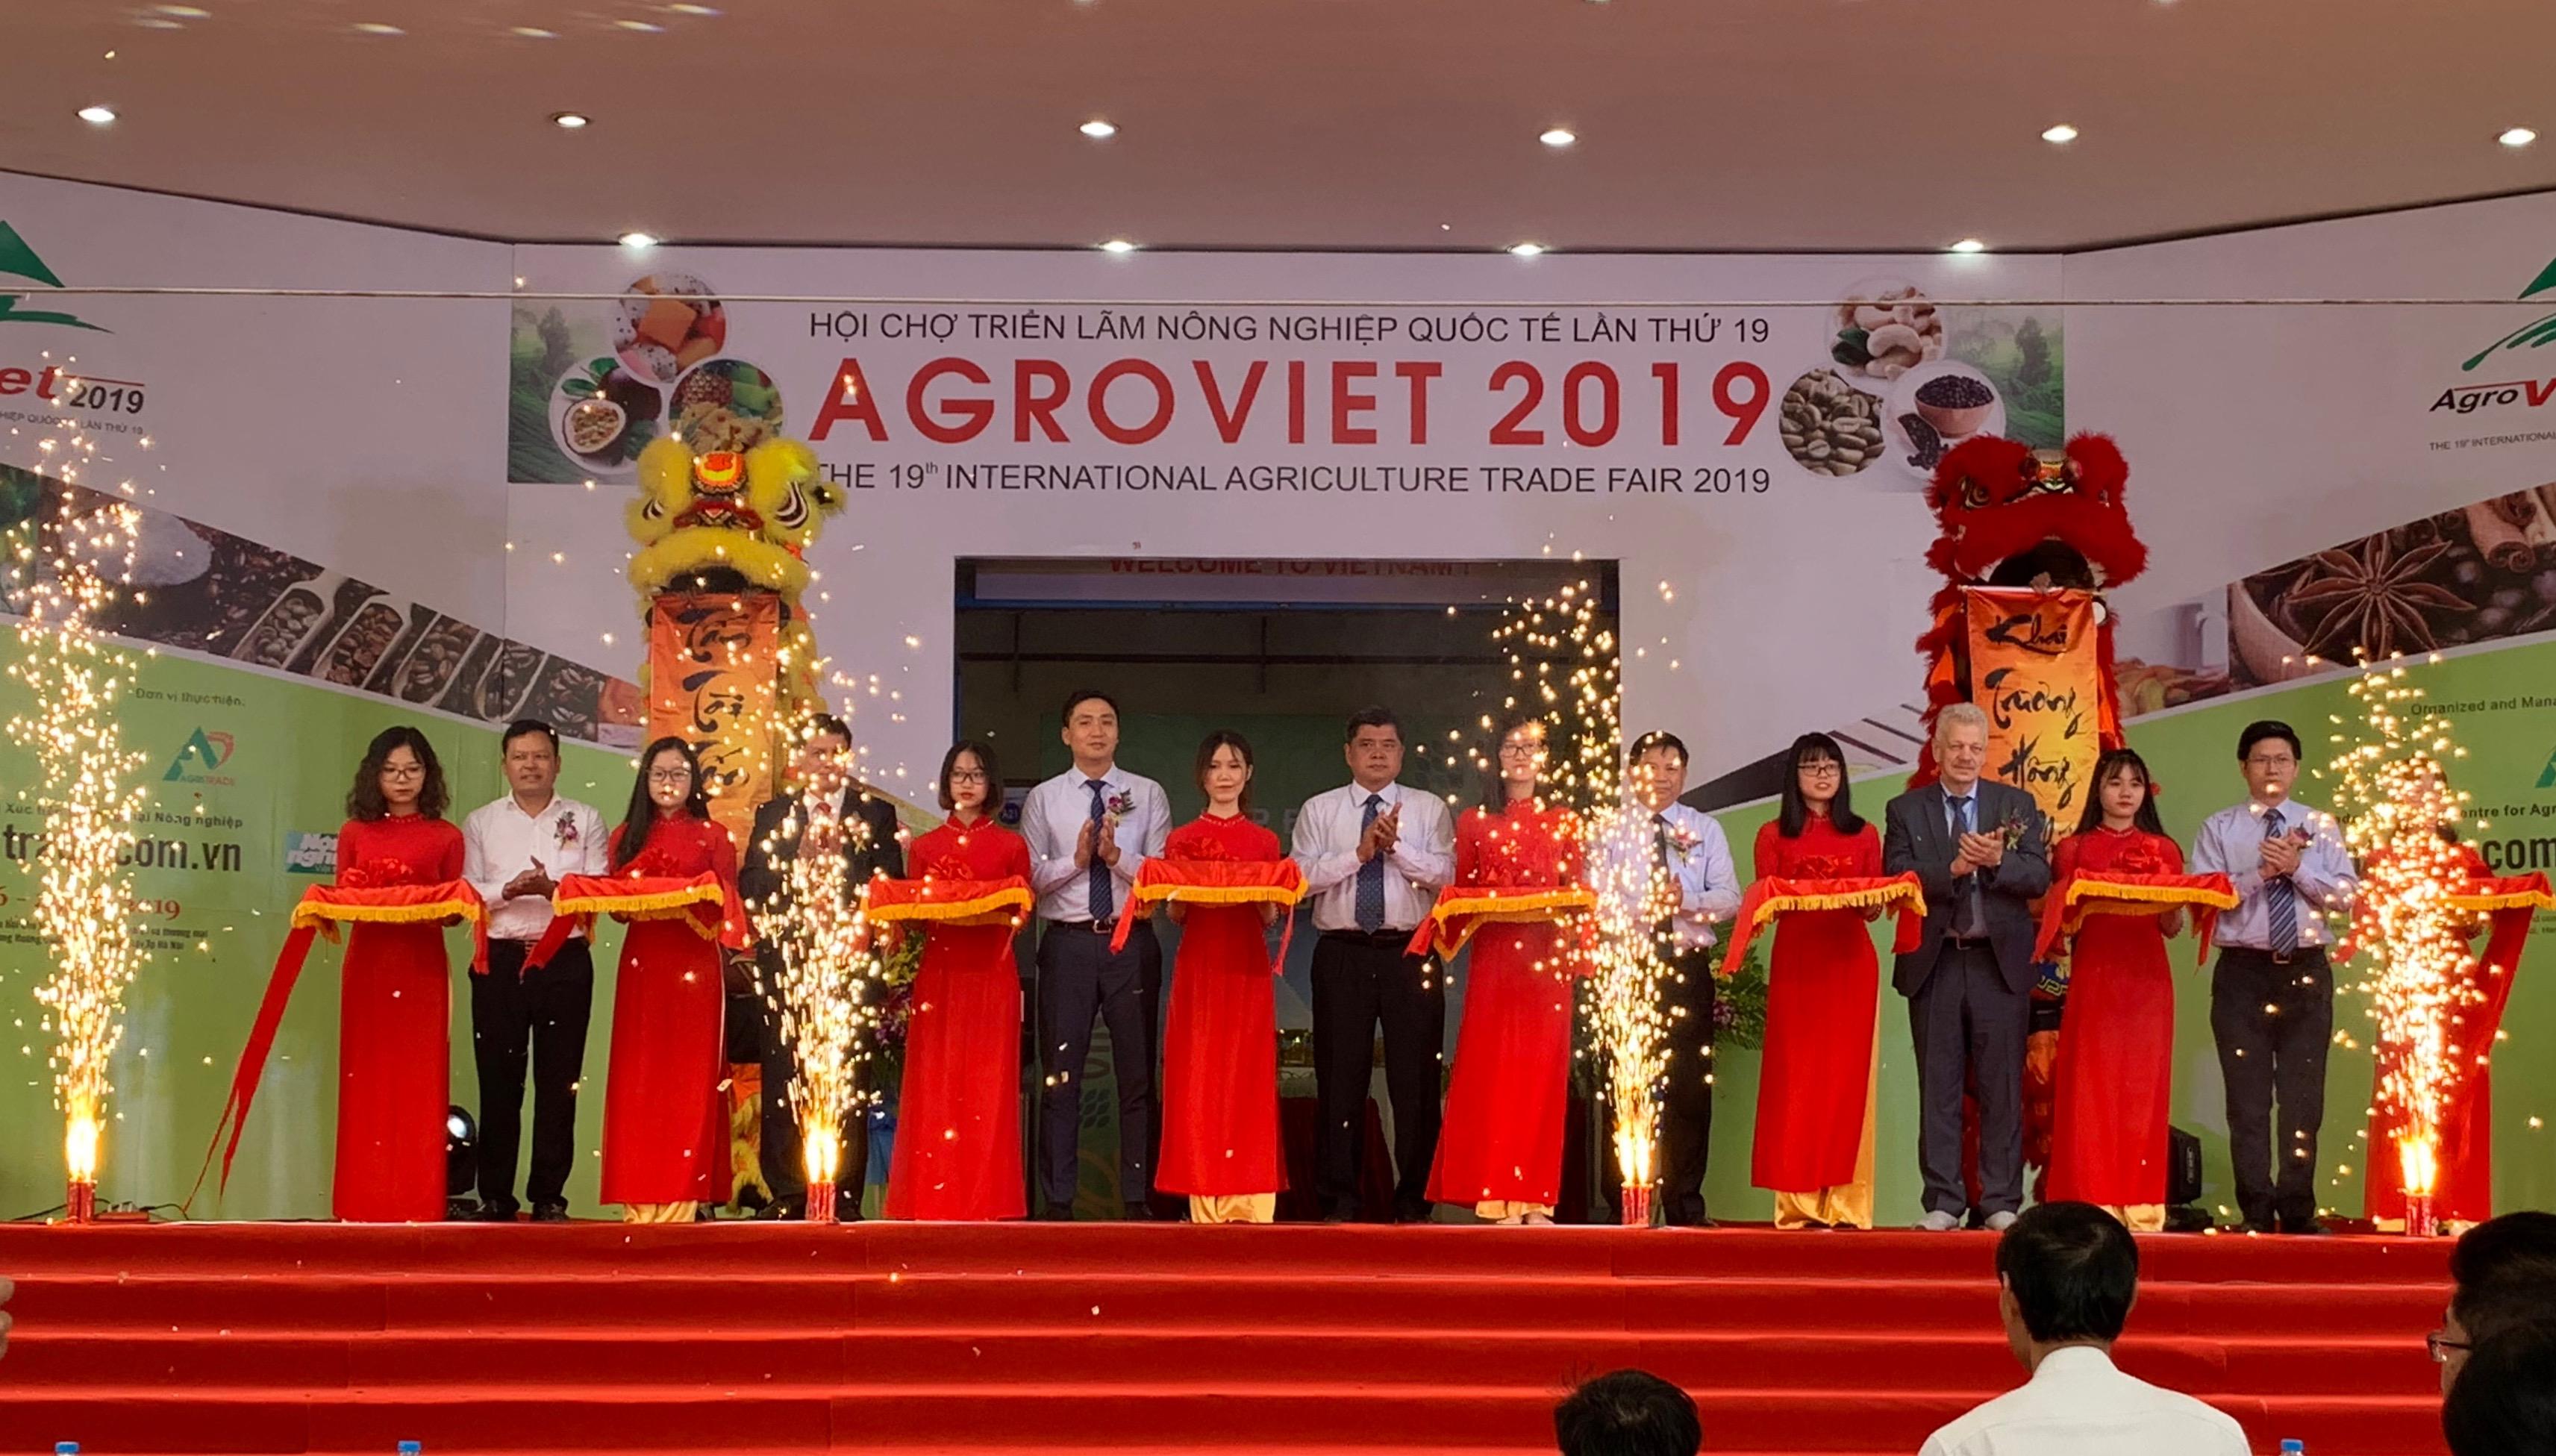 Các đại biểu cắt bằng khai mạc Hội chợ AgroViet 2019